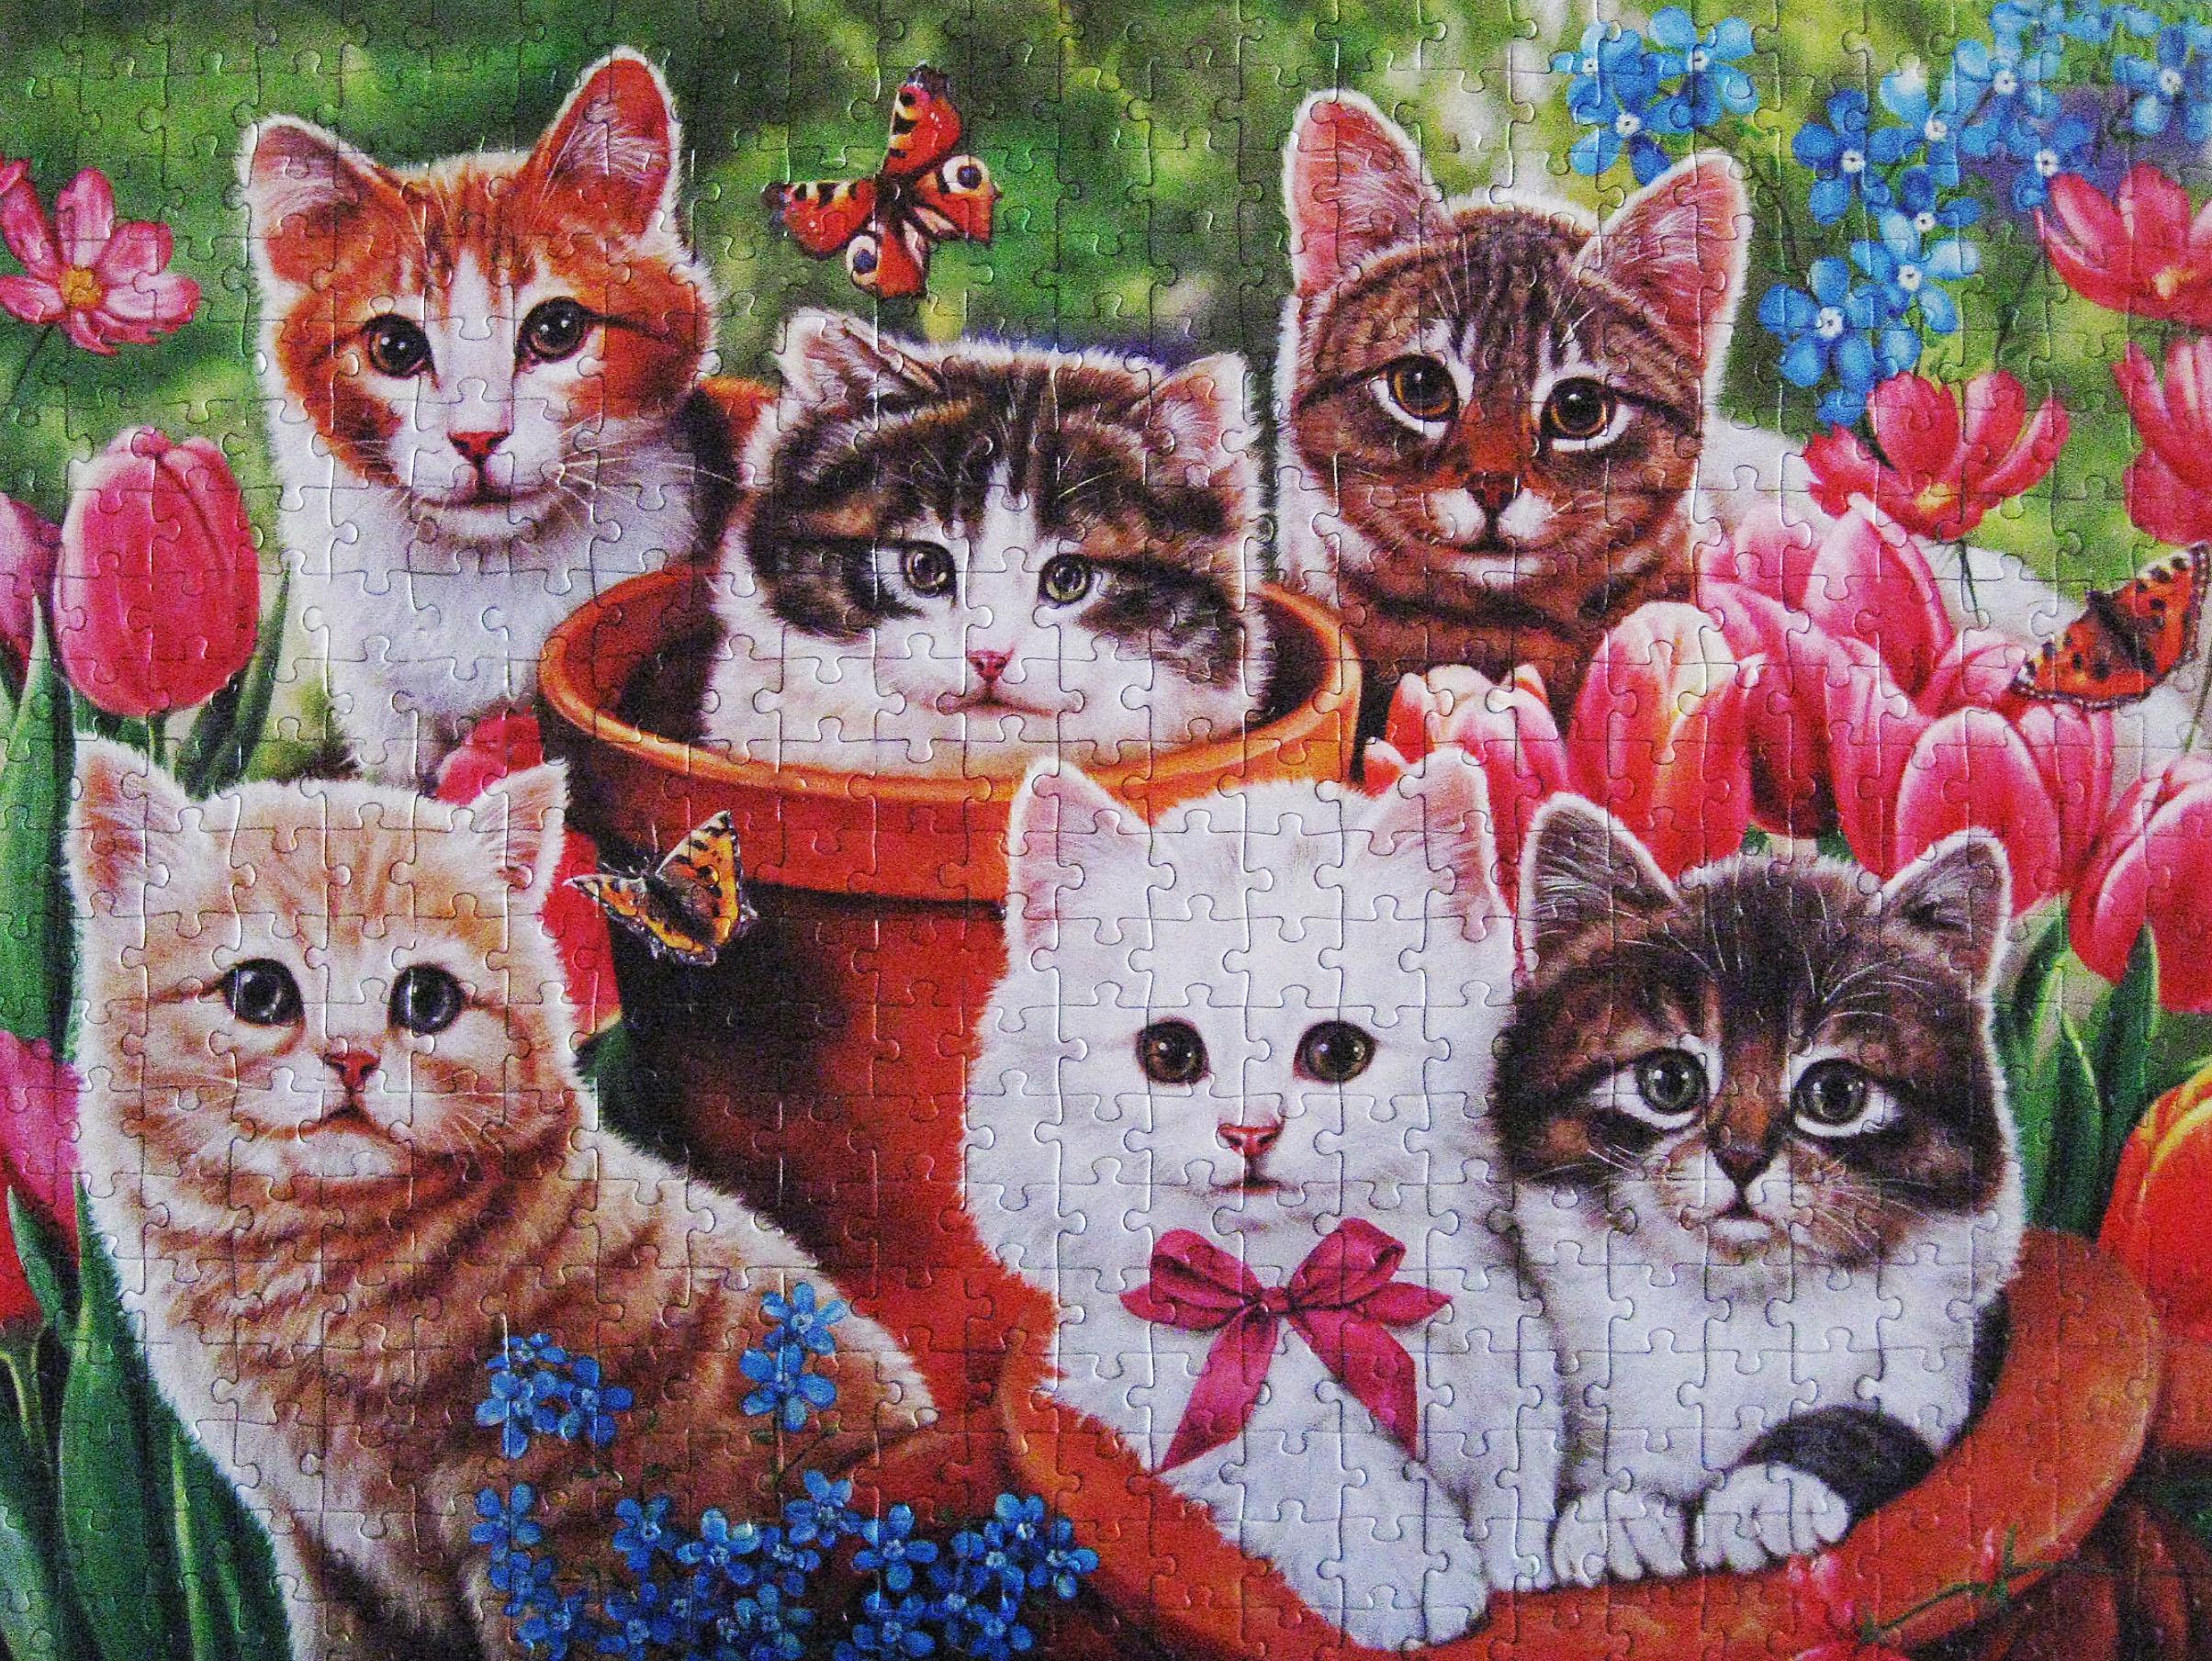 Masaustu Kediler Sanat Yavru Kediler Yapboz Oyunlari Katart